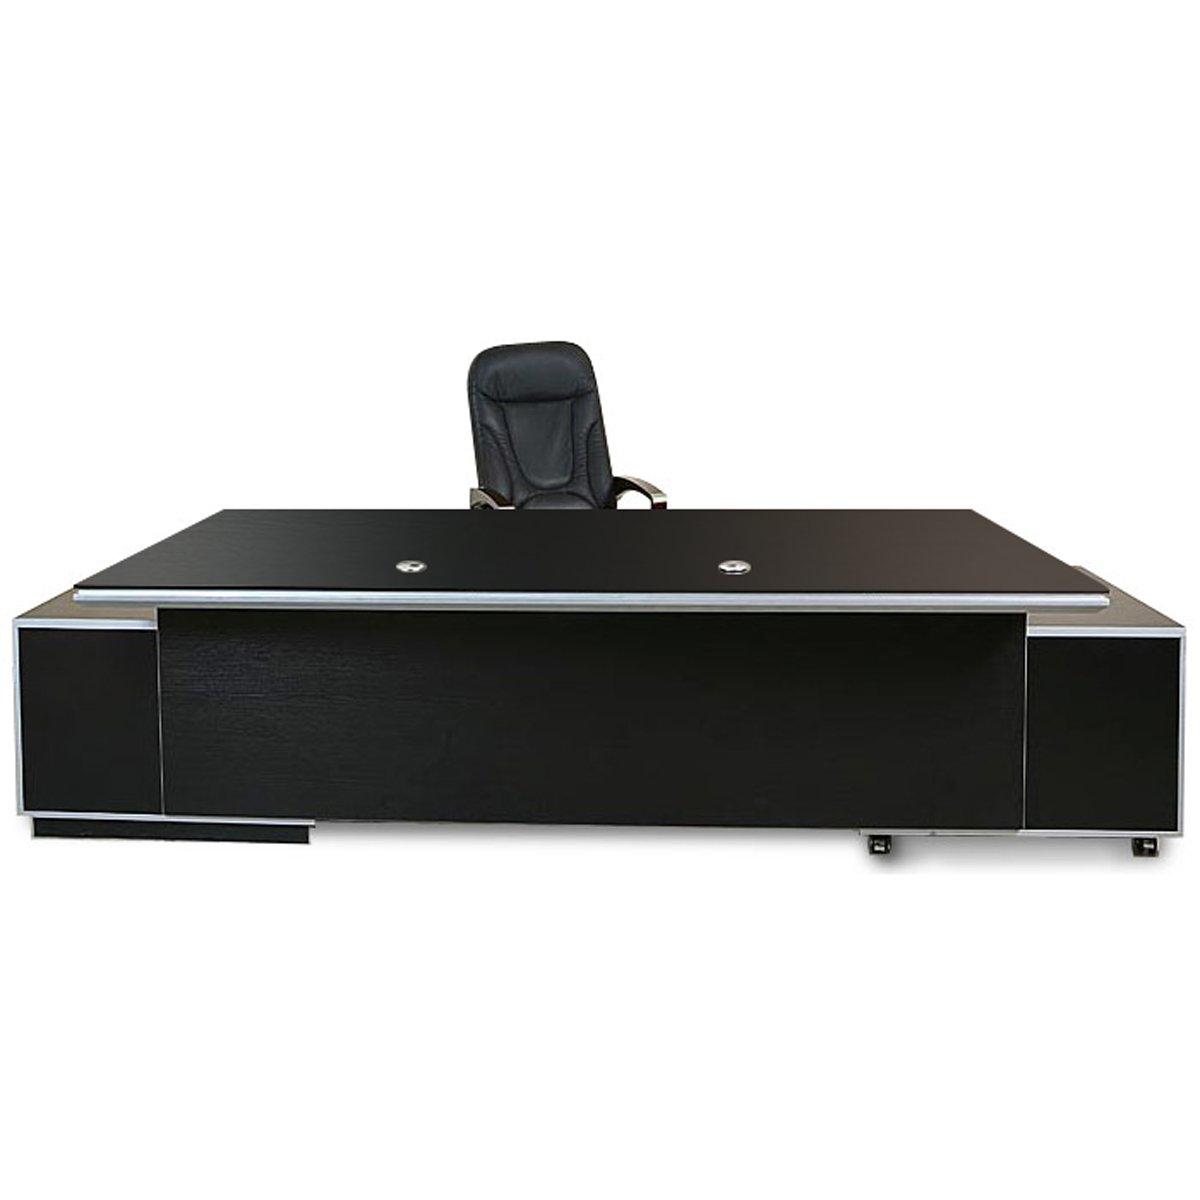 Büromöbel Bueroausstattung Büro Chef Schreibtisch Kehl 2.45 m XXL ...